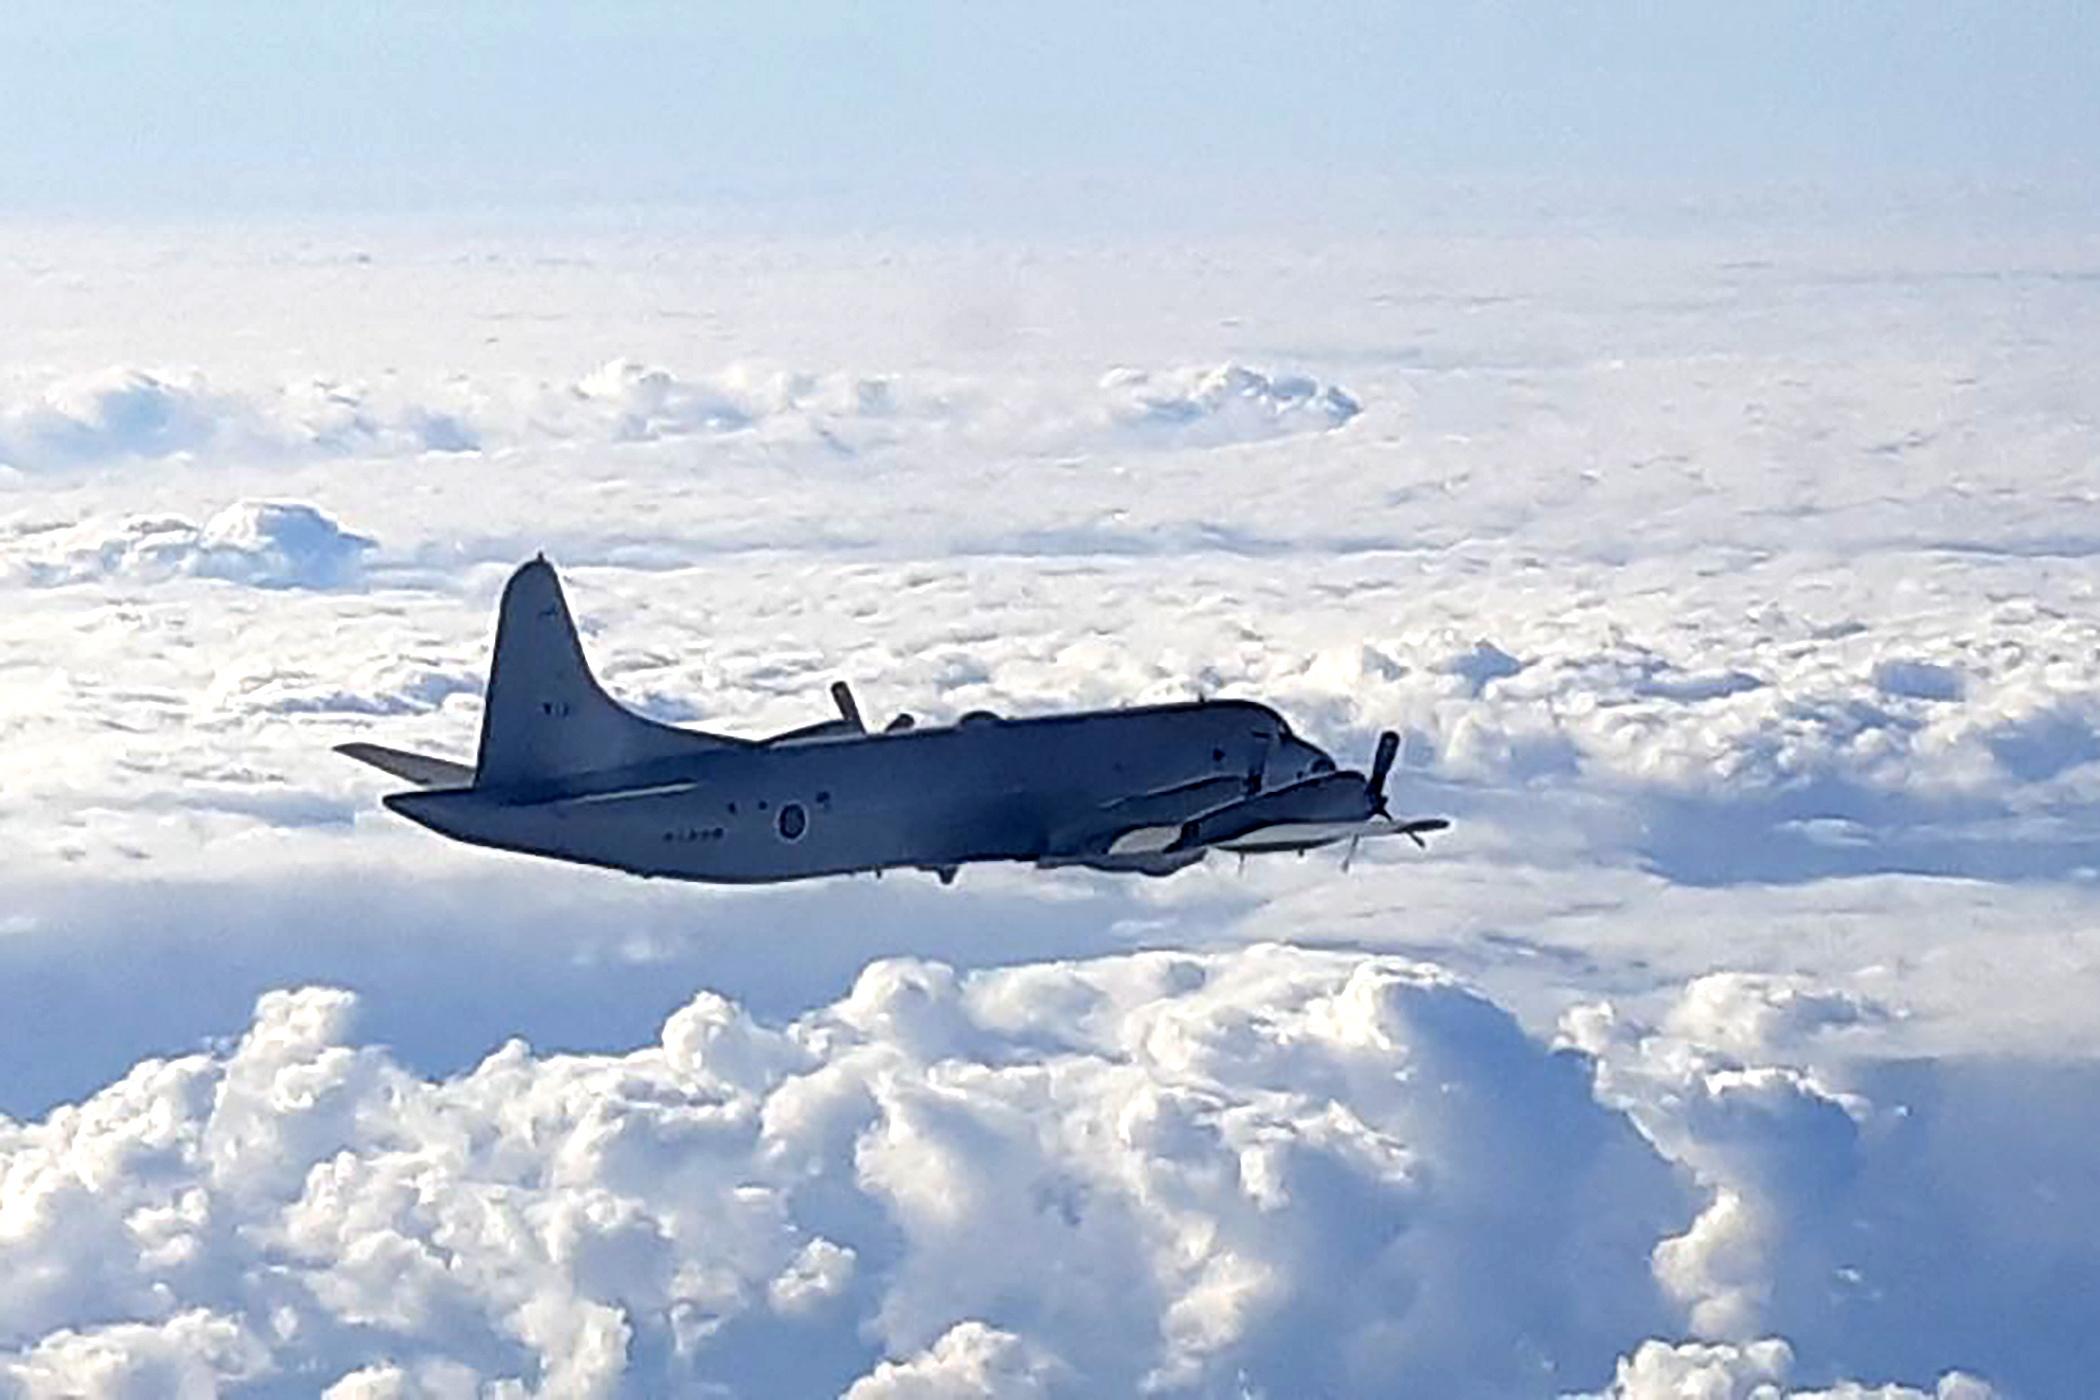 Эксперты оценили шансы Украины в воздушной войне против России